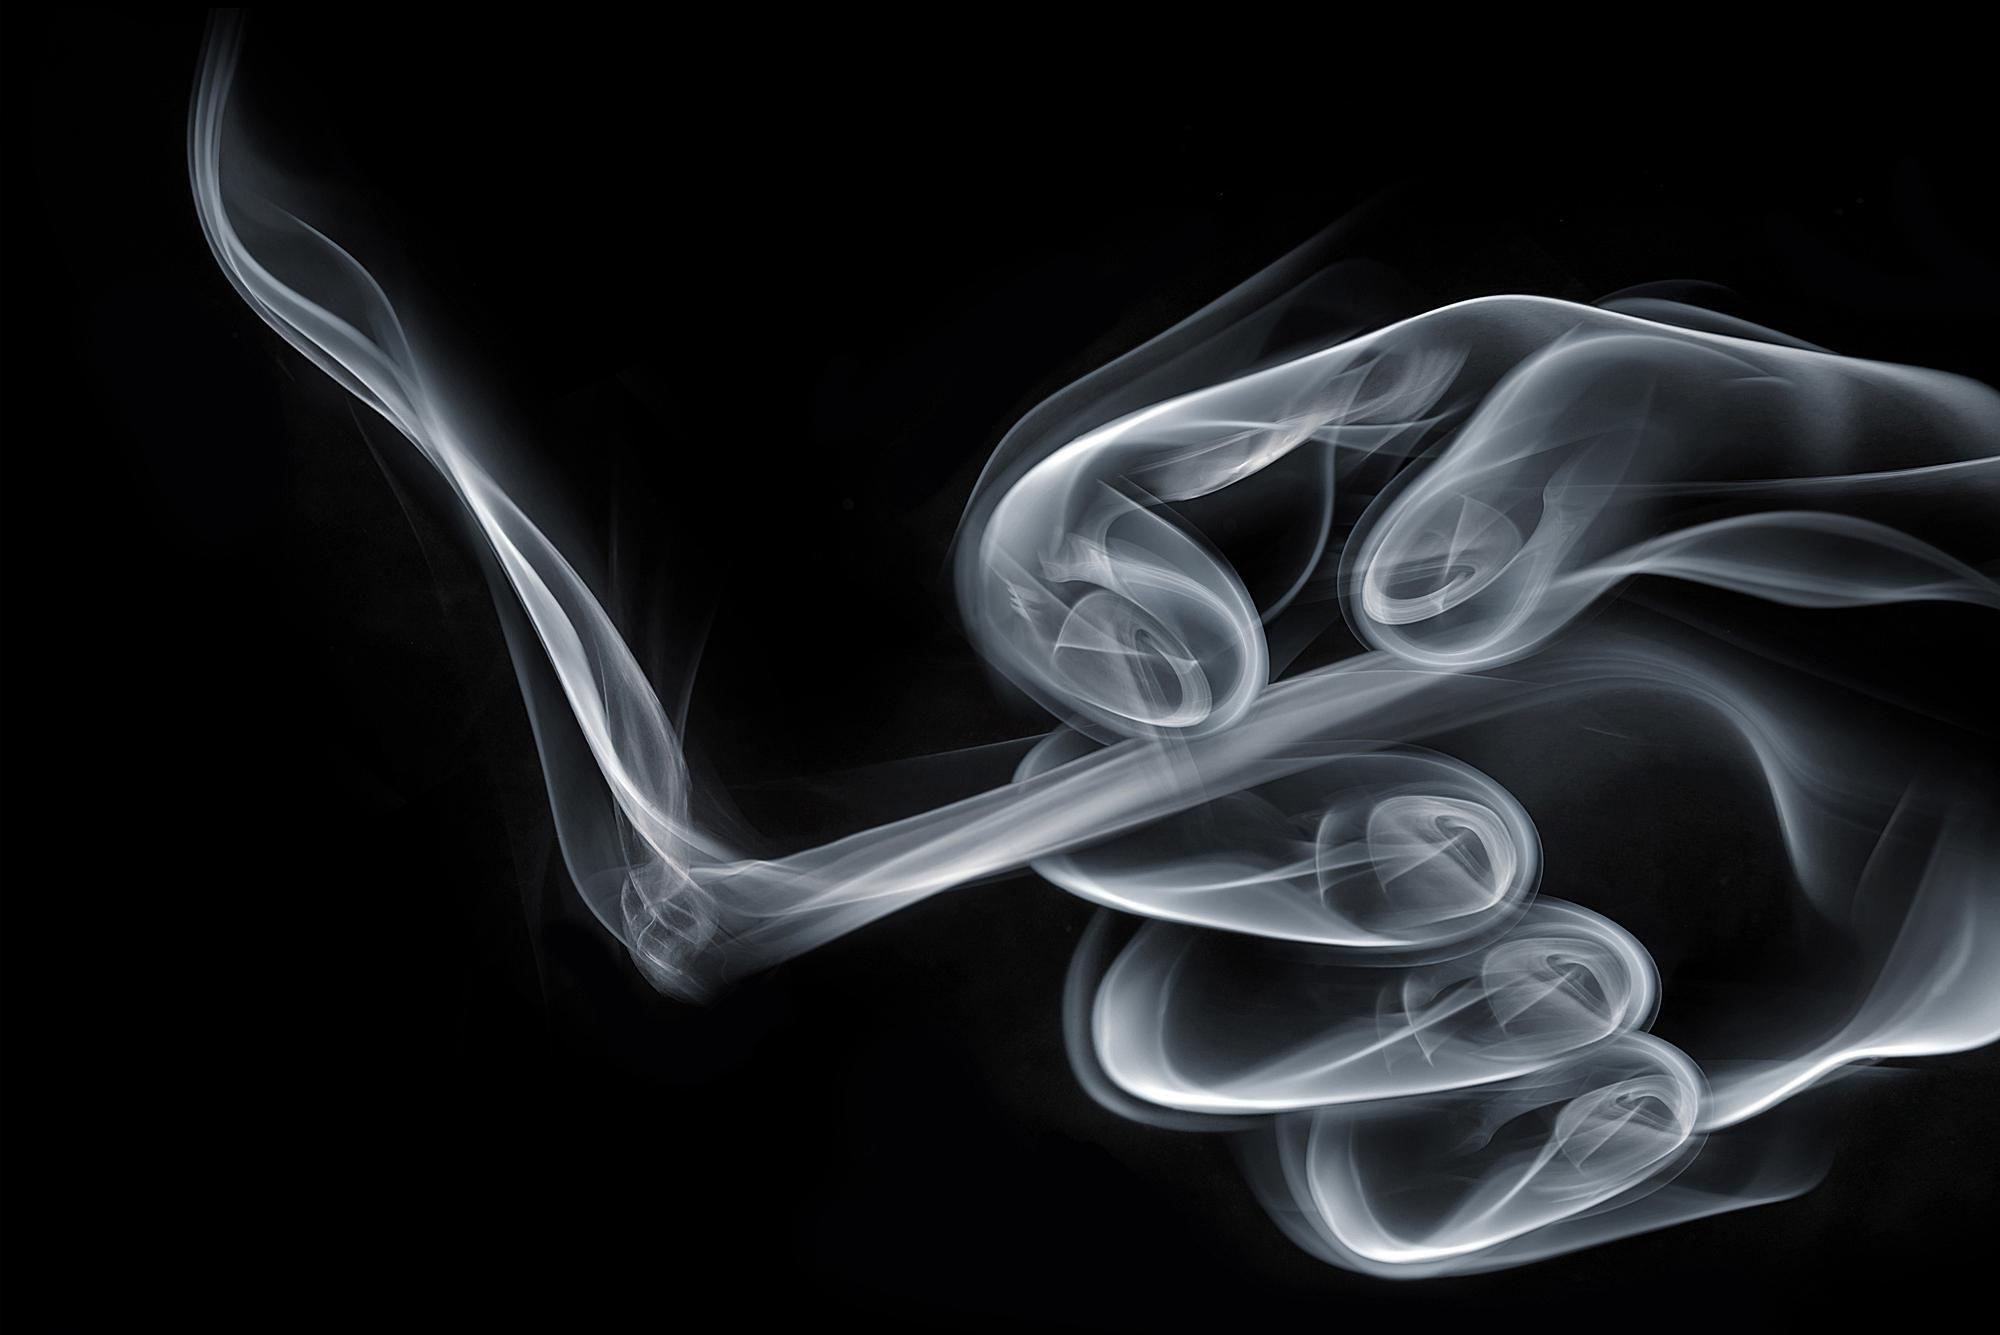 Я действительно полагал, что у меня была никотиновая зависимость. История Дженн